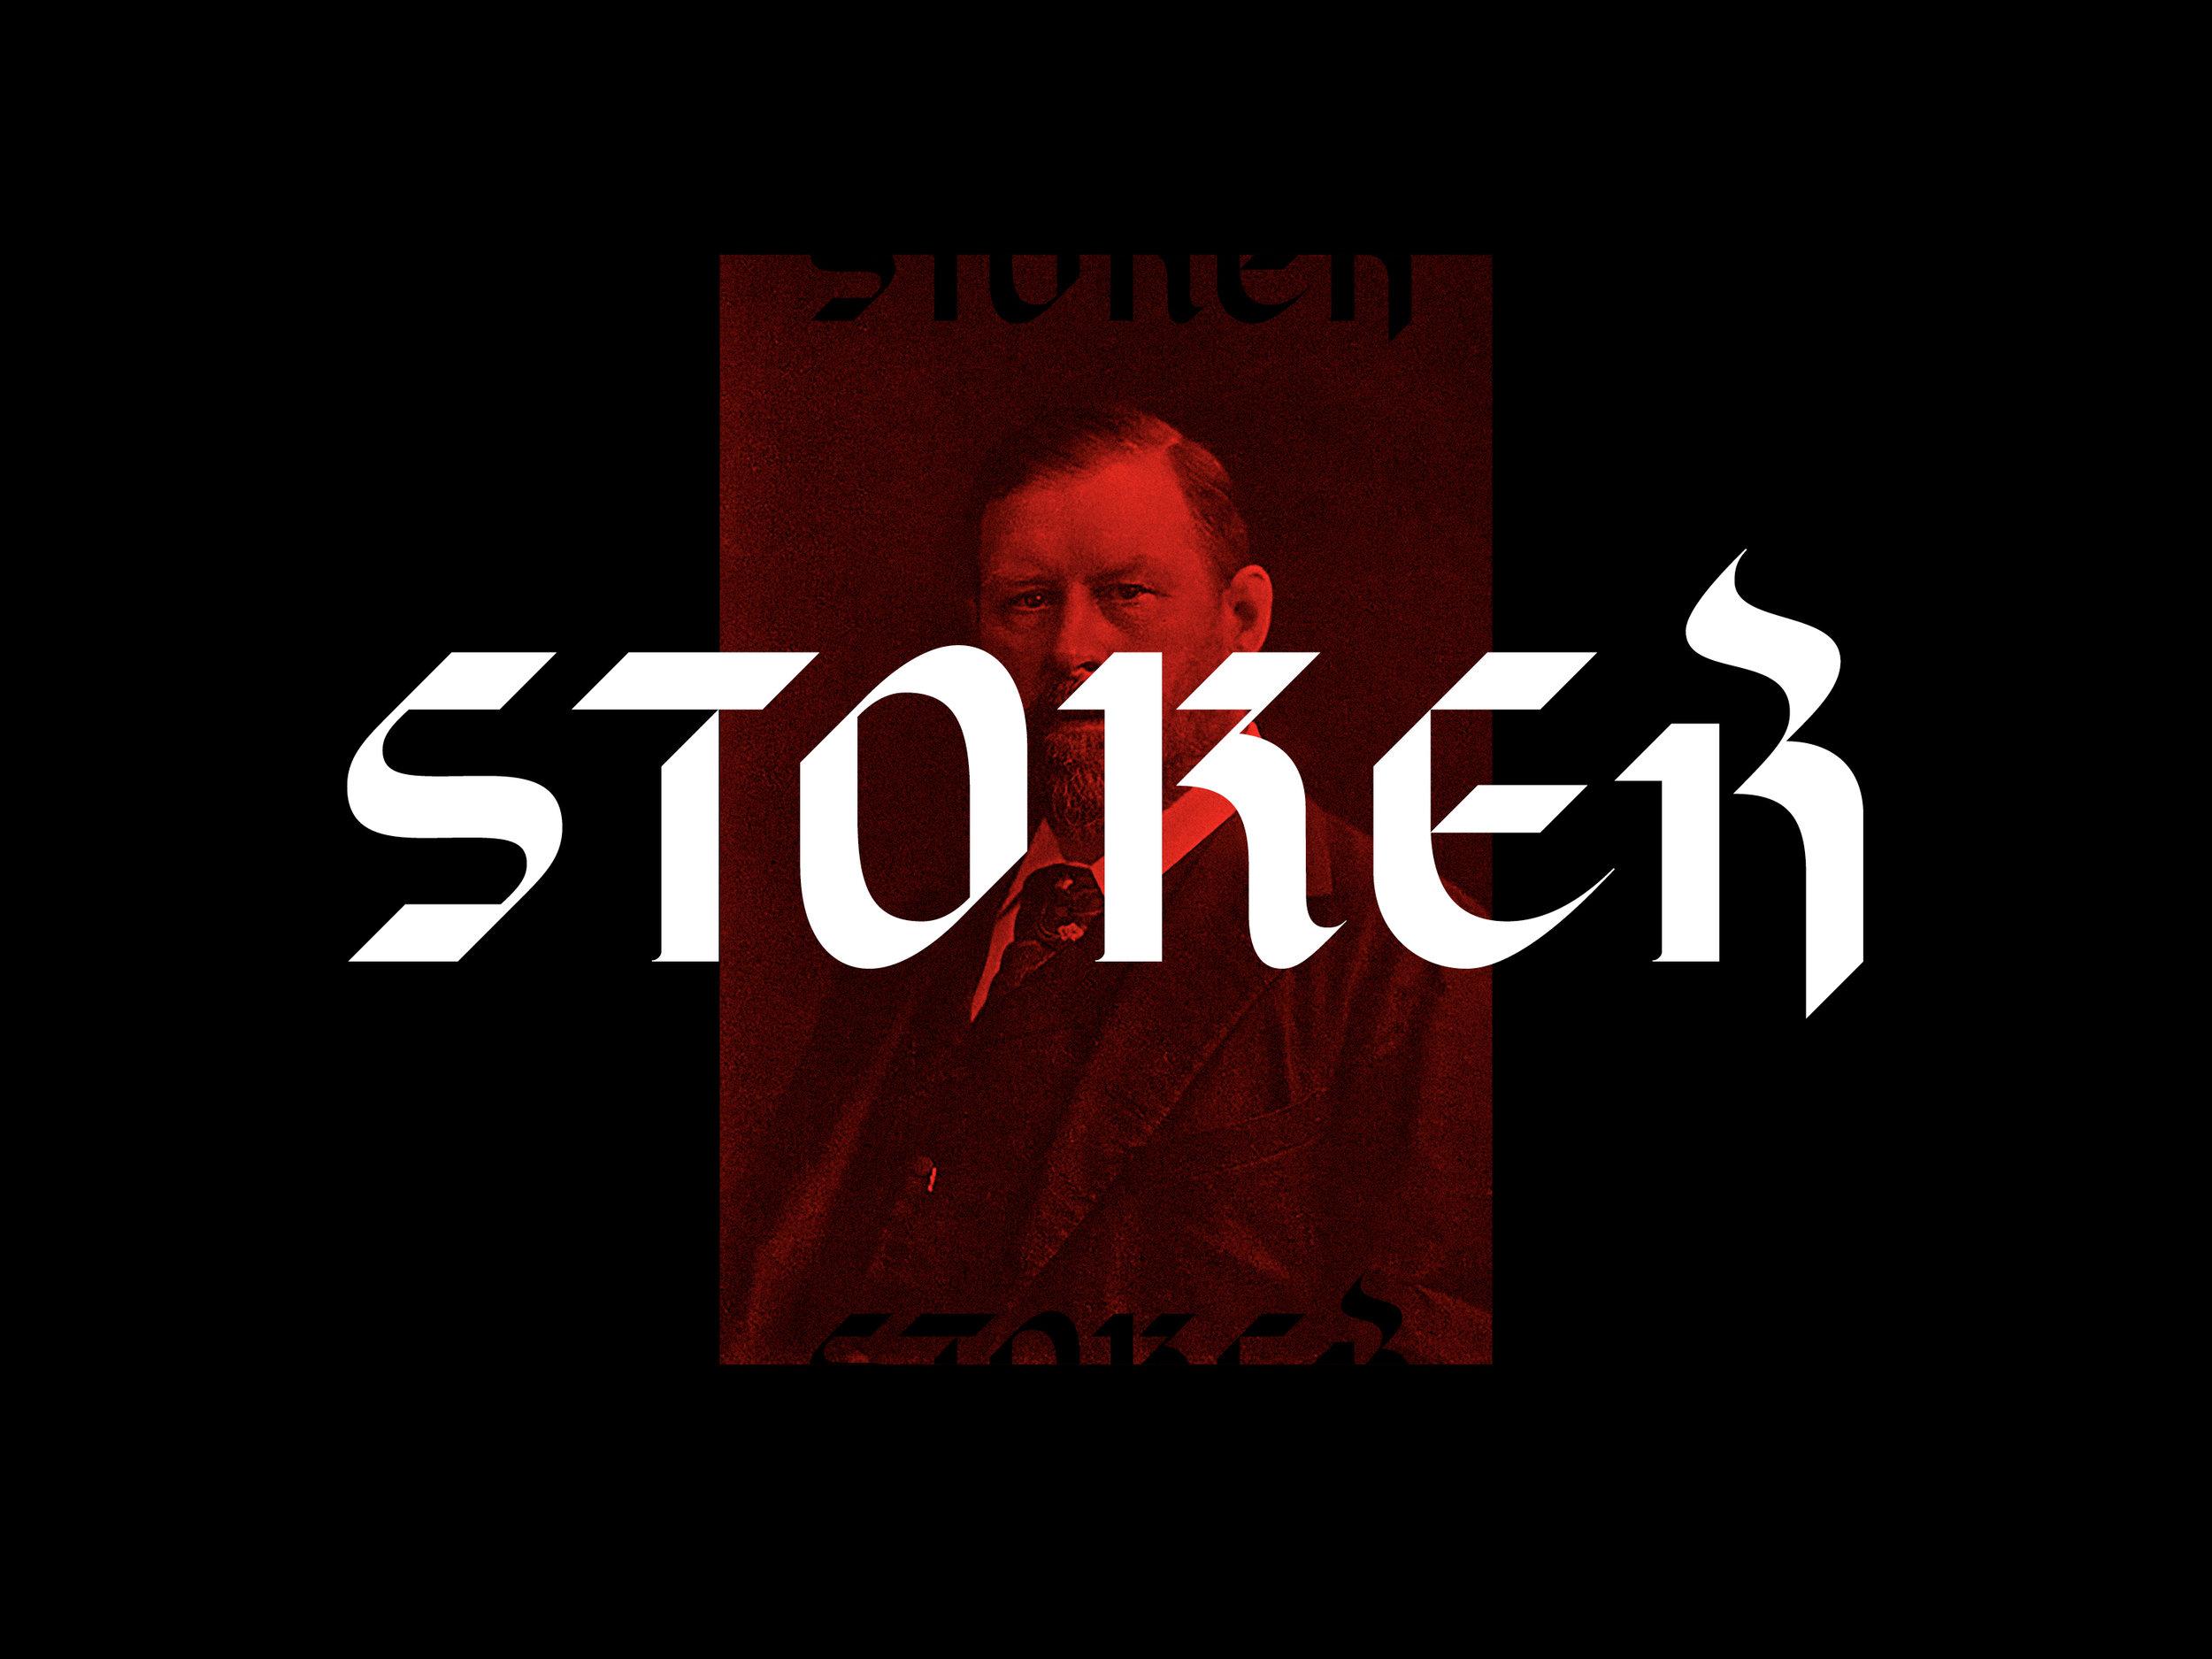 Stoker1.jpg